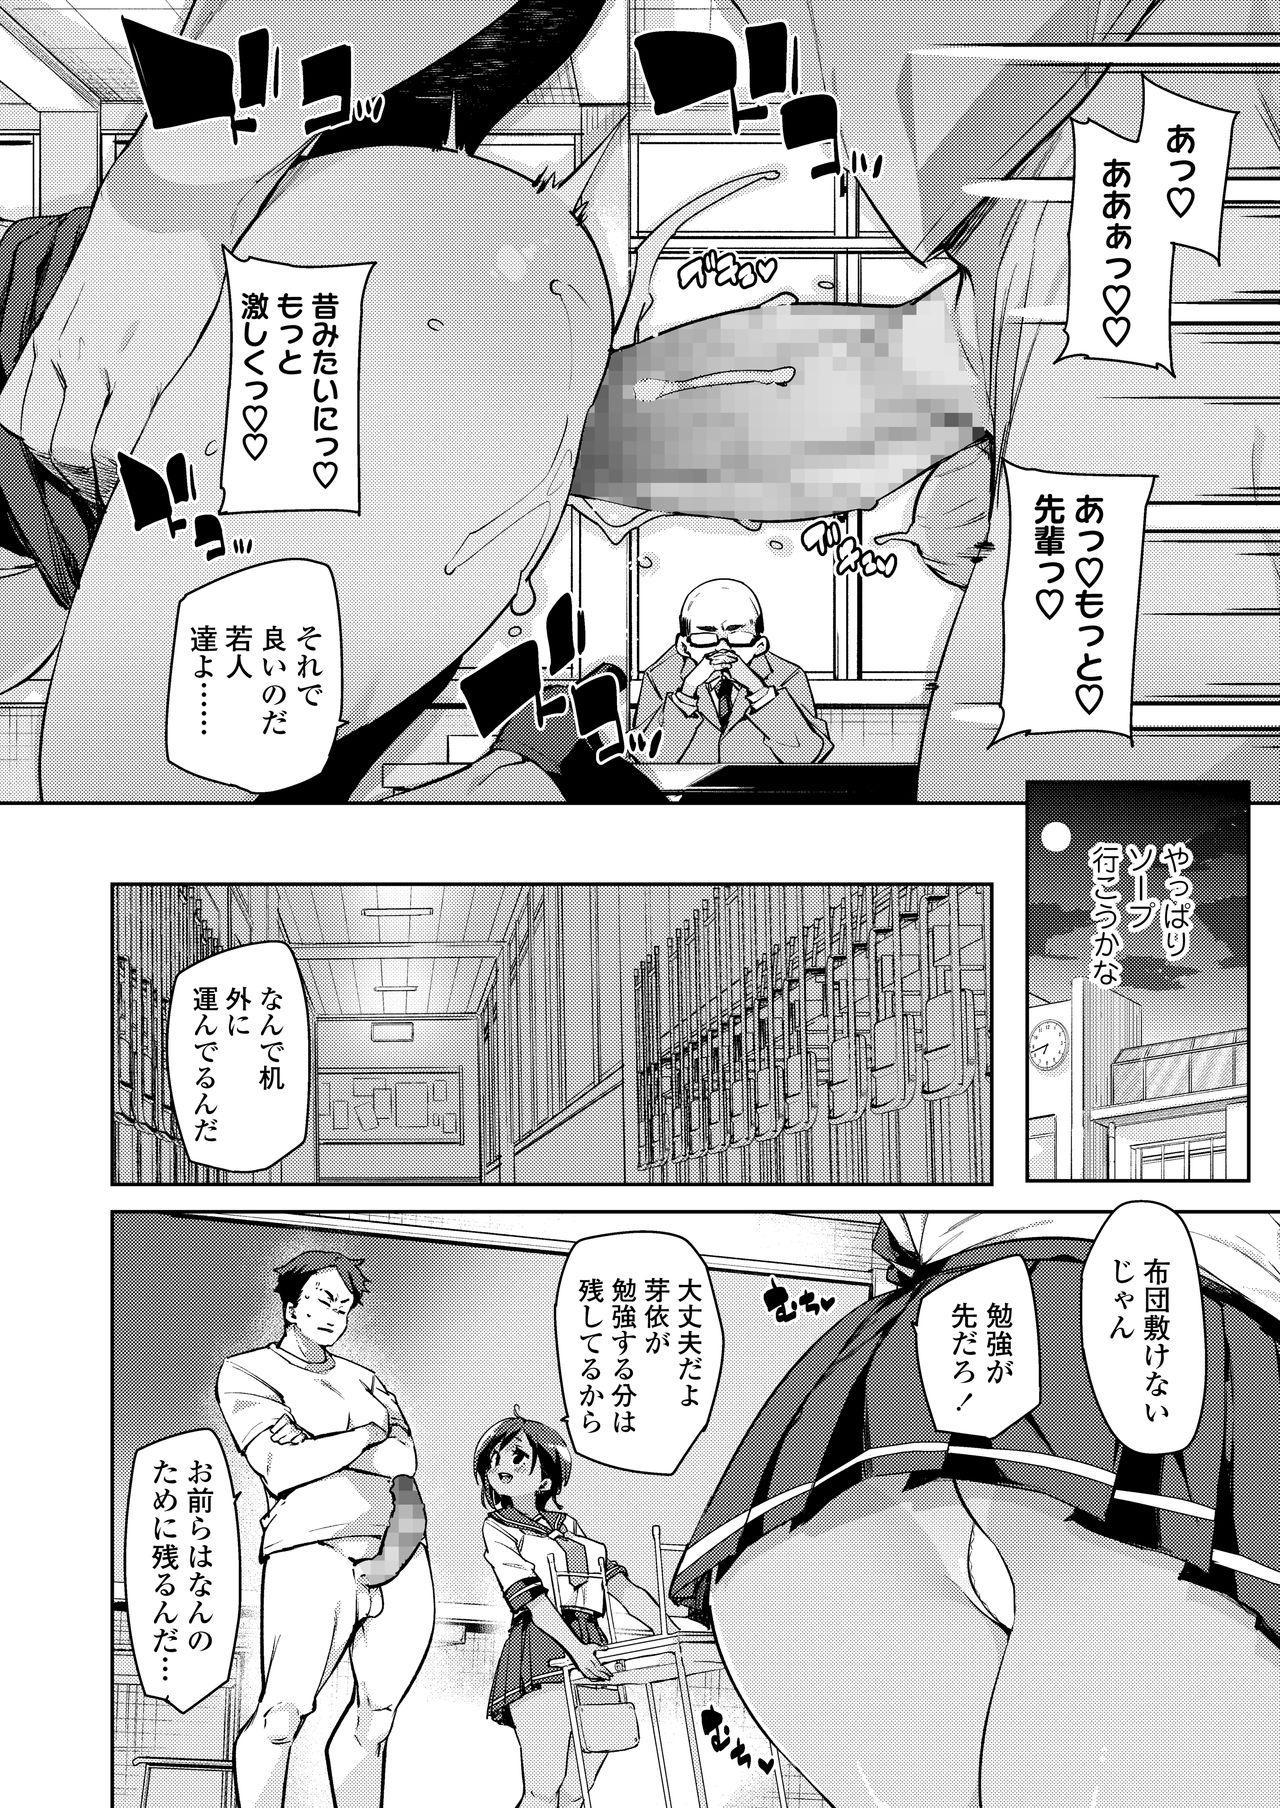 COMIC AOHA 2021 Natsu 157